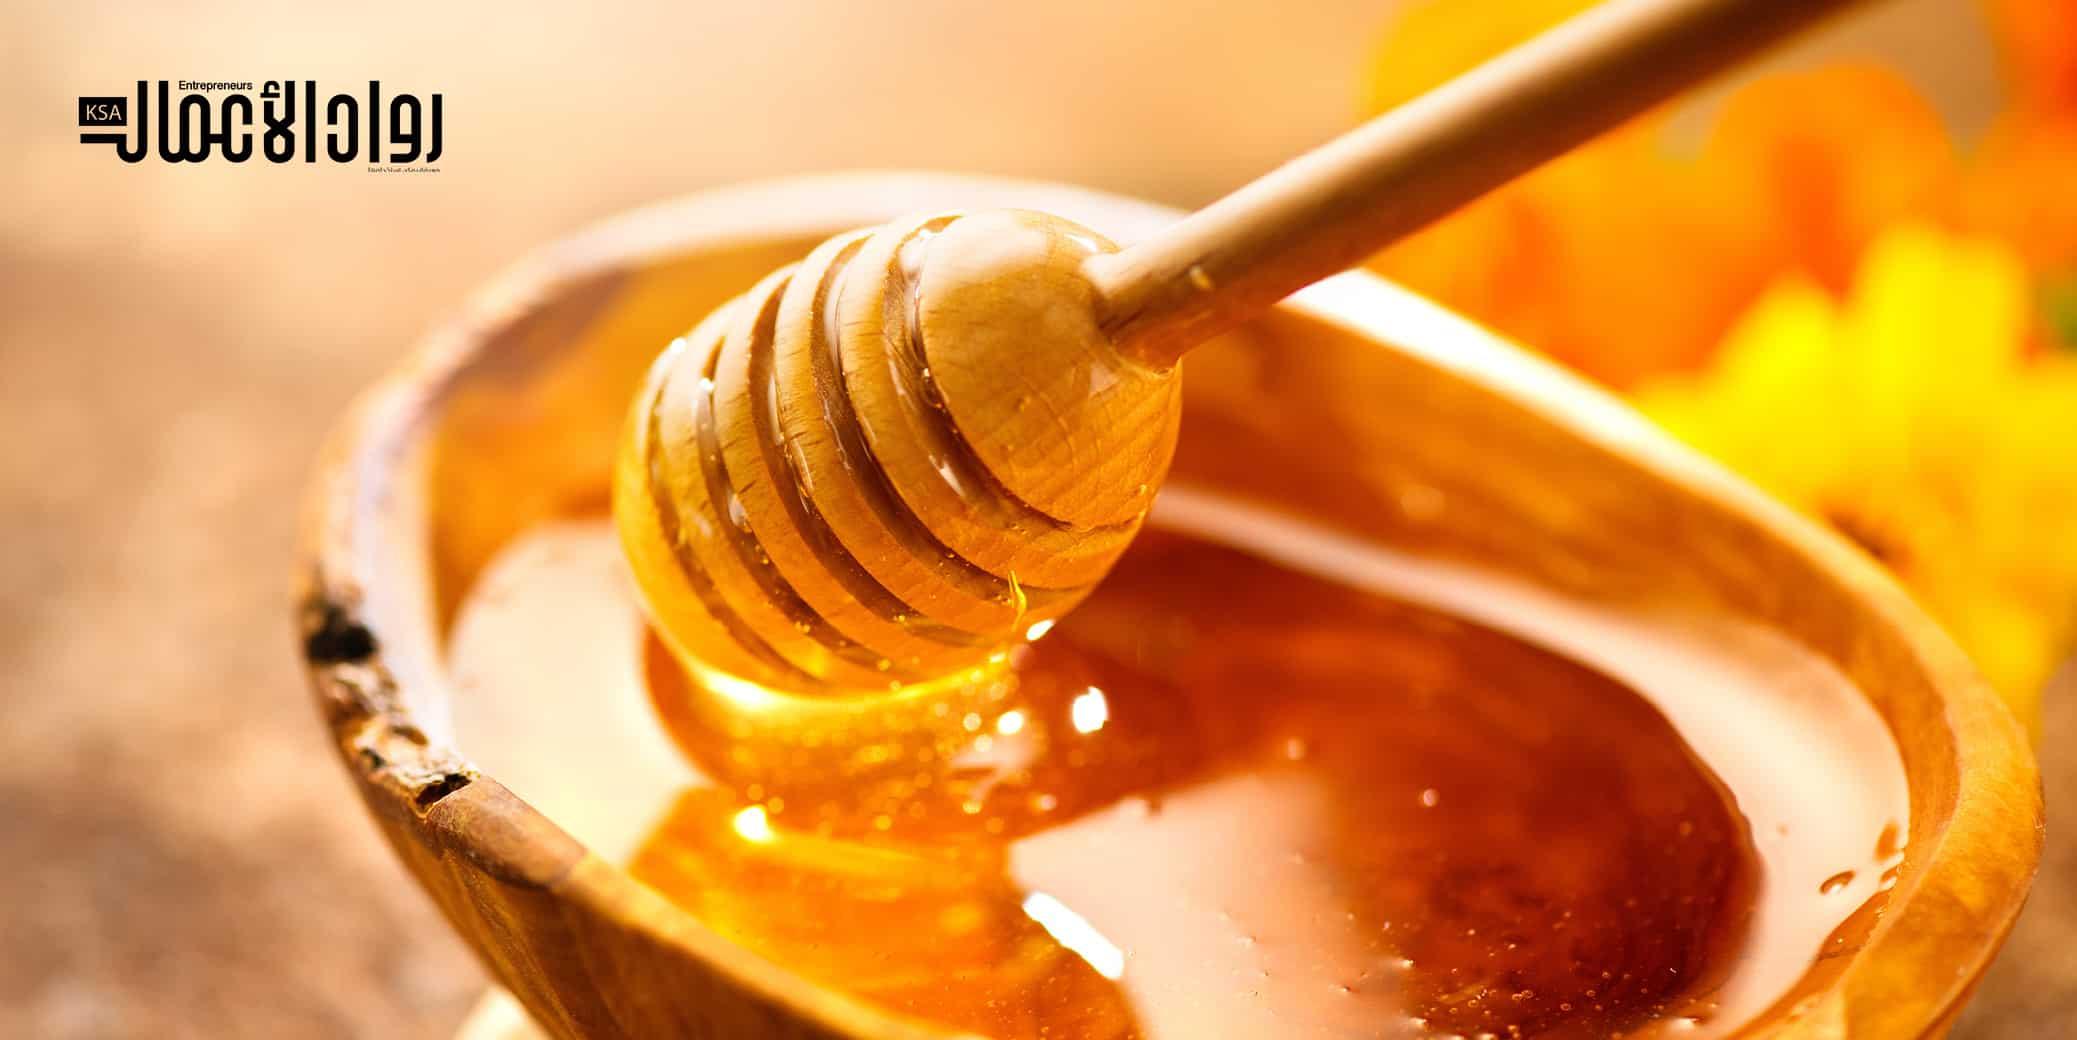 مشروع إنتاج وبيع العسل